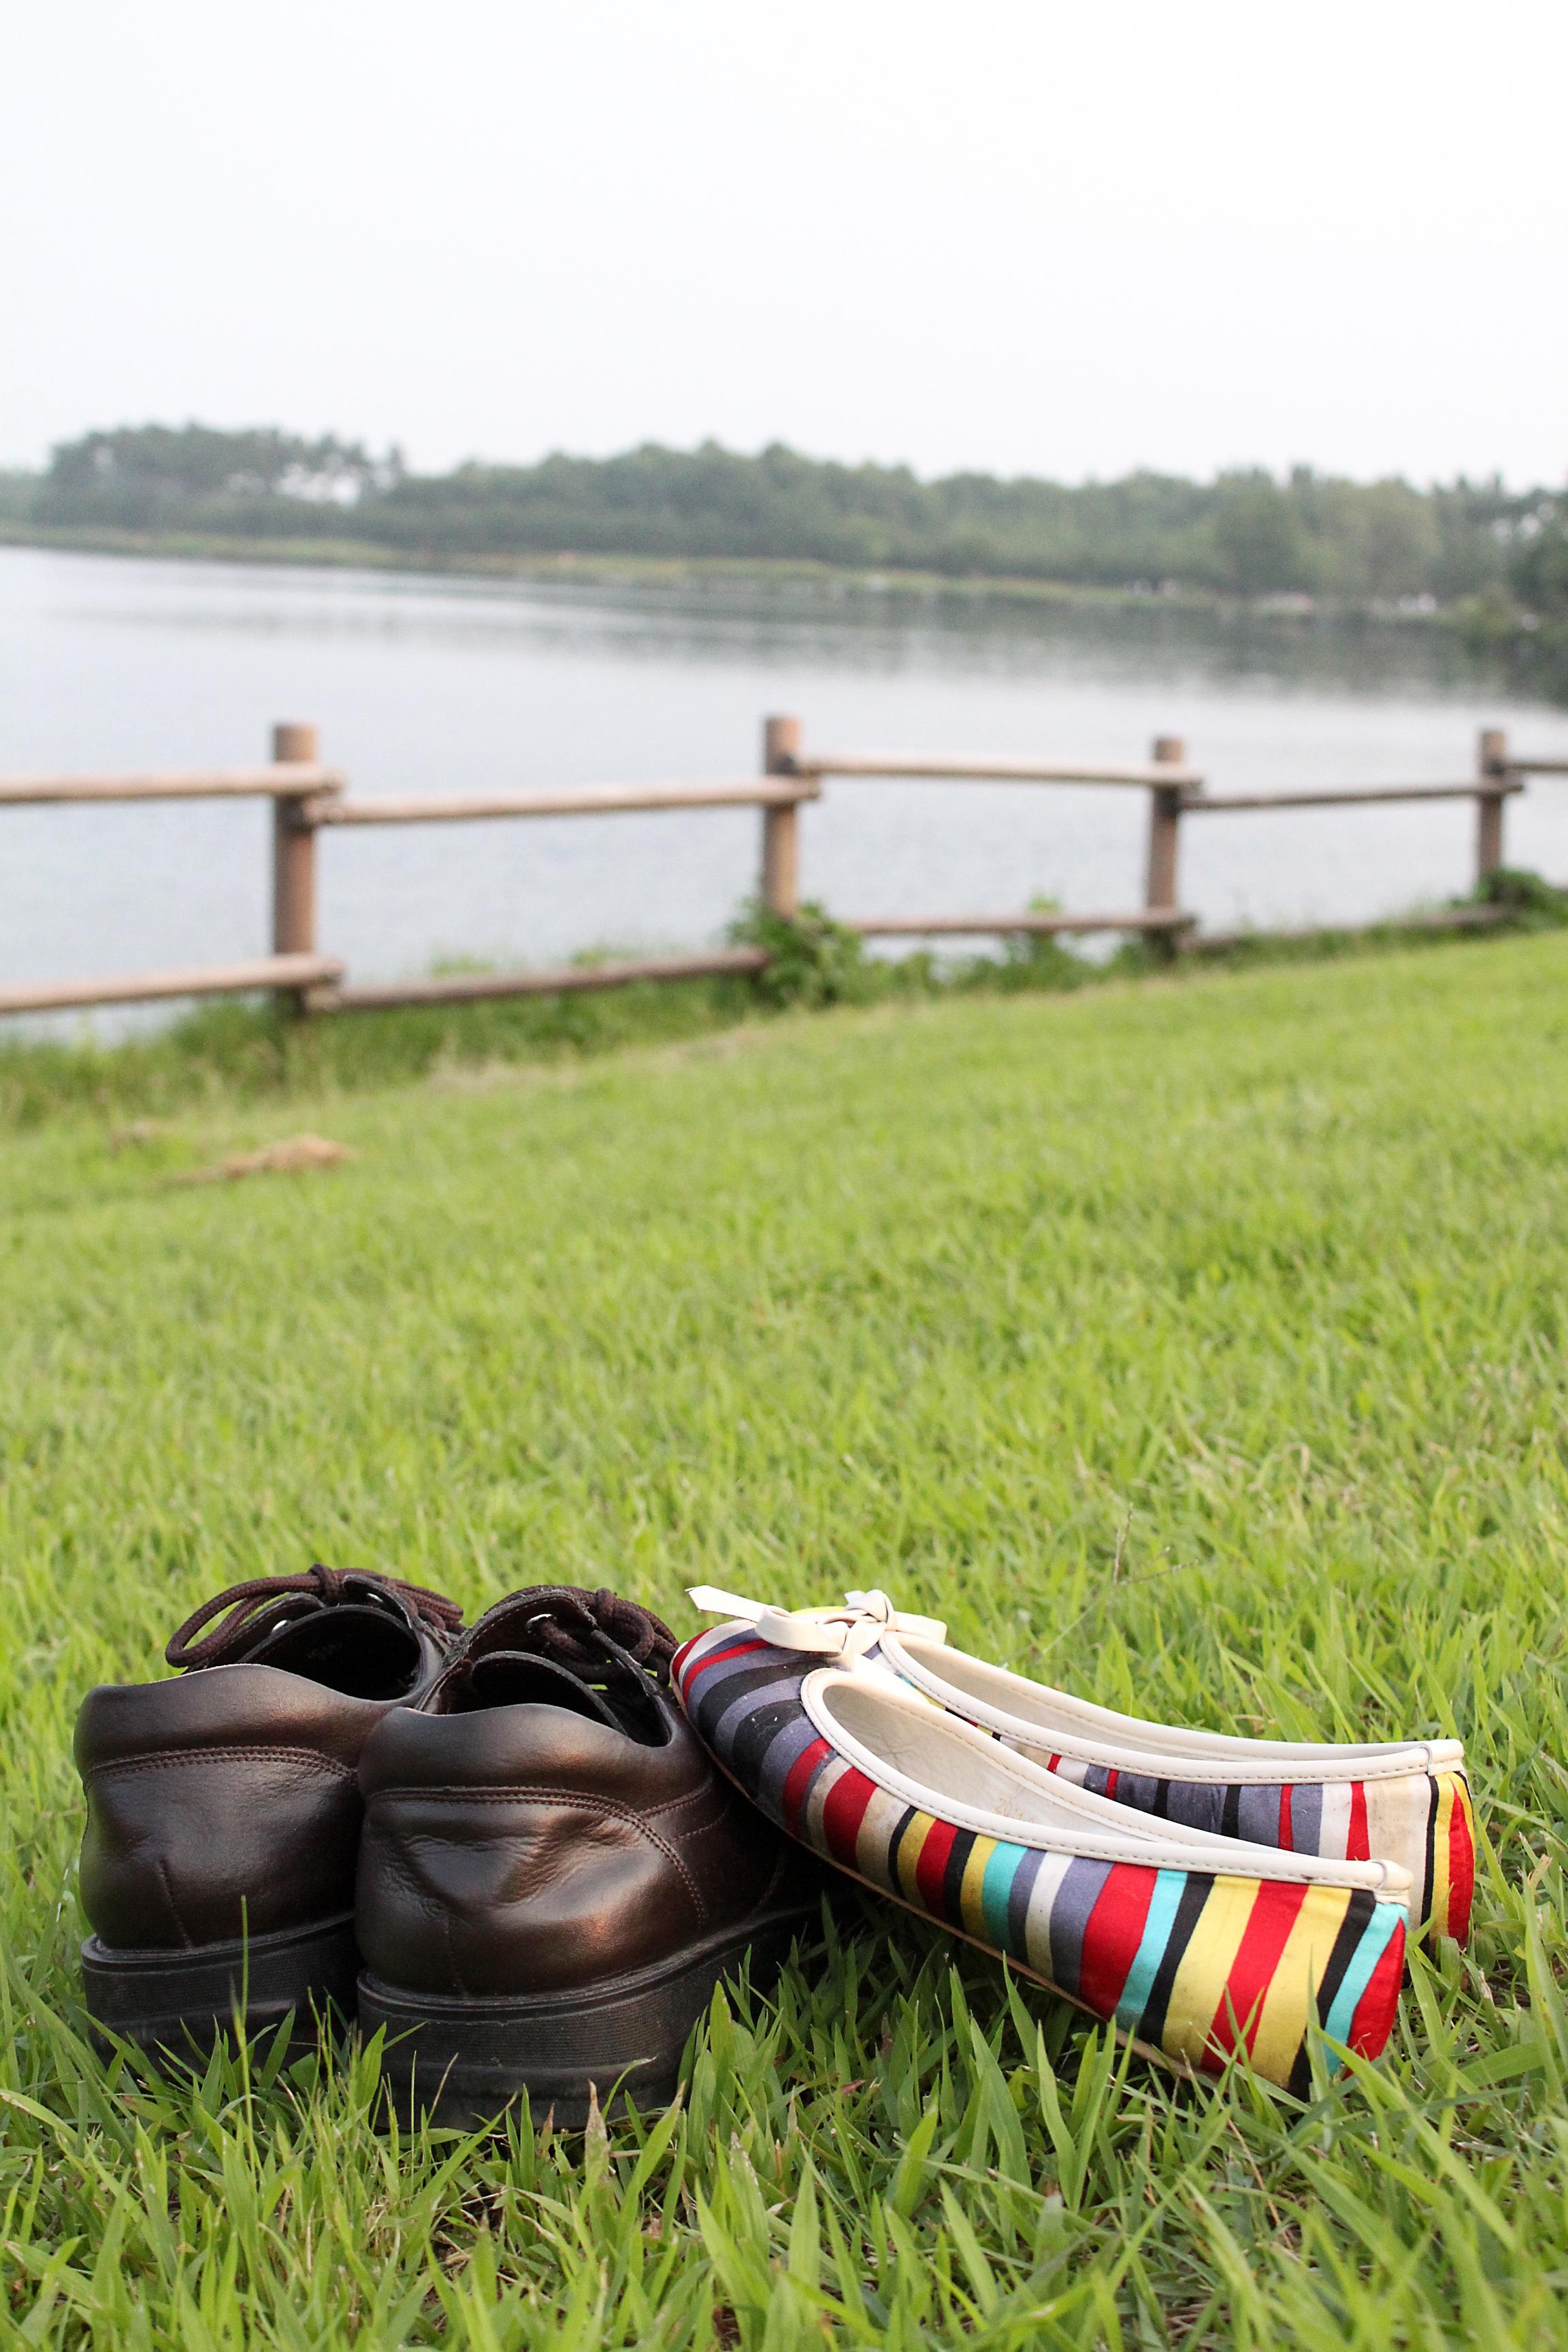 7a438c735 homem grama sapato mulher gramado casal clube de Golf sapatos calçados par  vestem acessório Sapato exterior